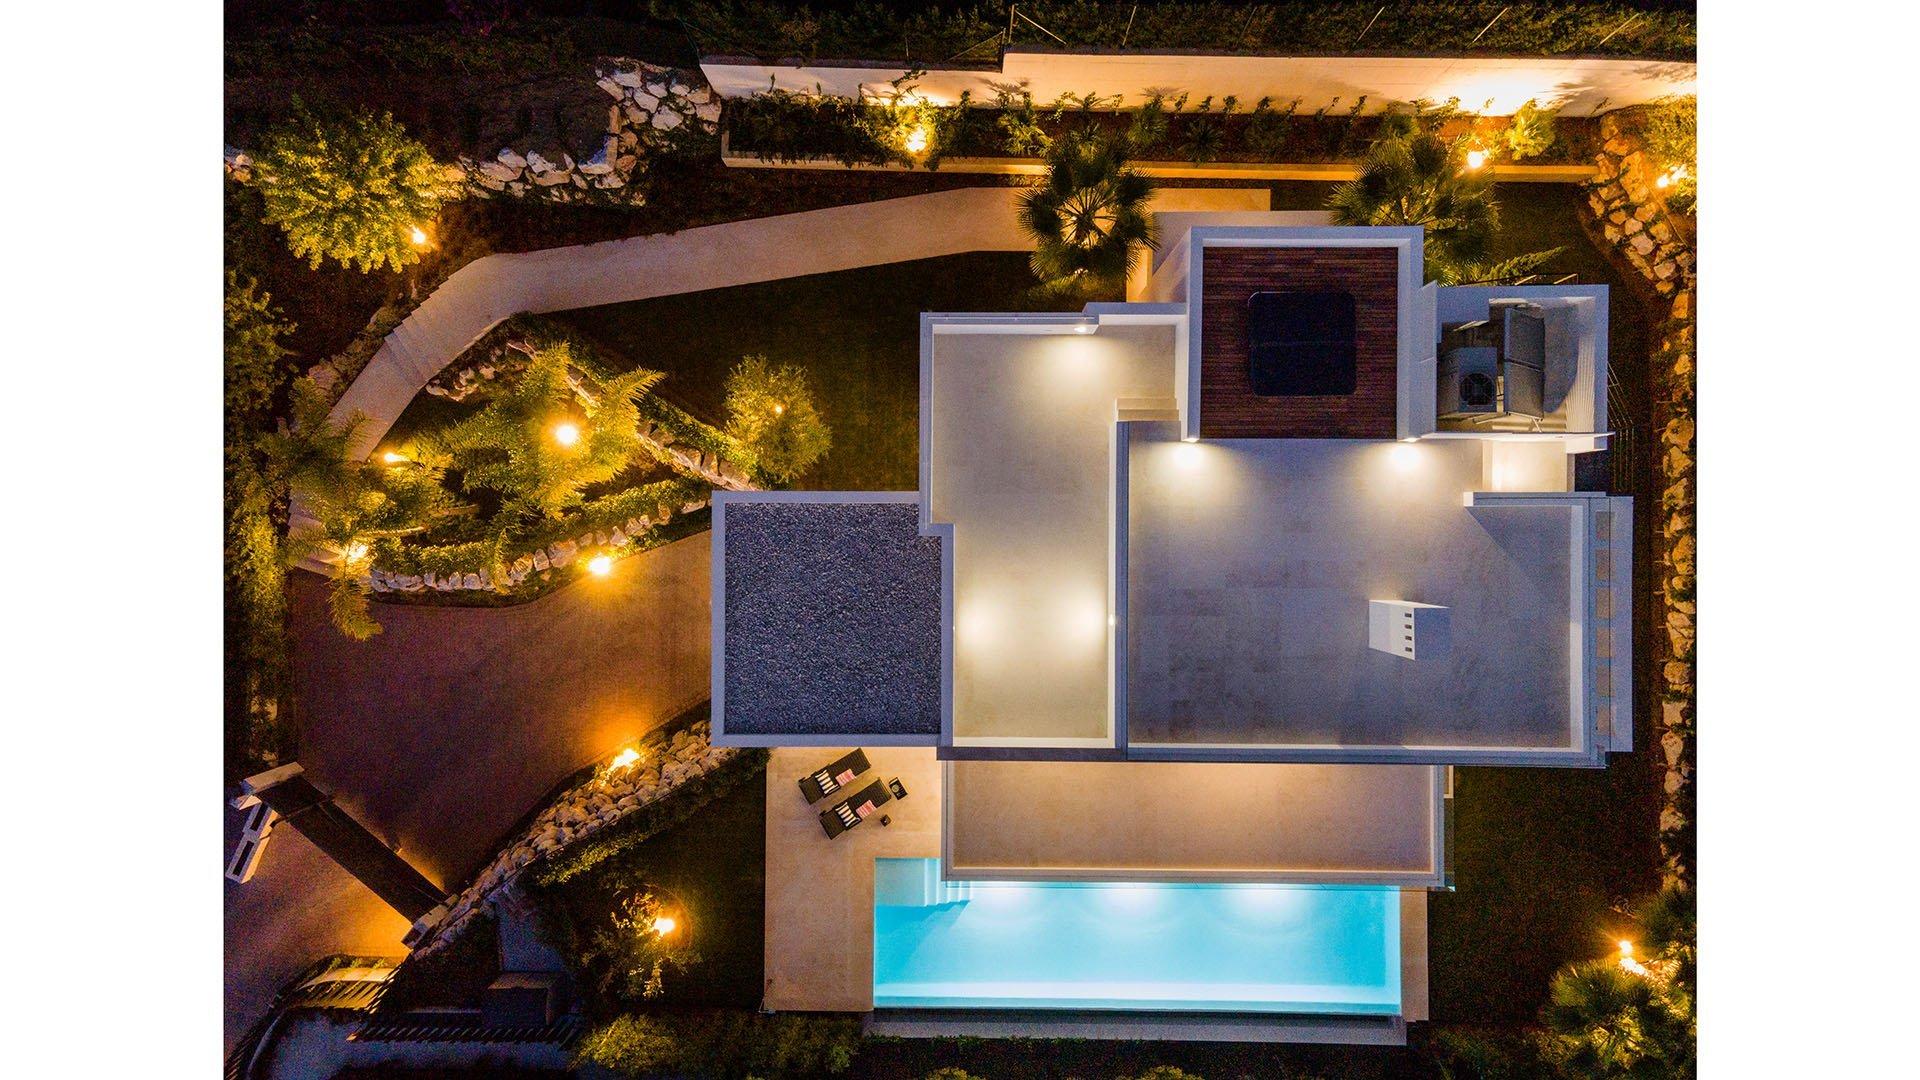 Los Olivos 14: Modern villa in Nueva Andalucía